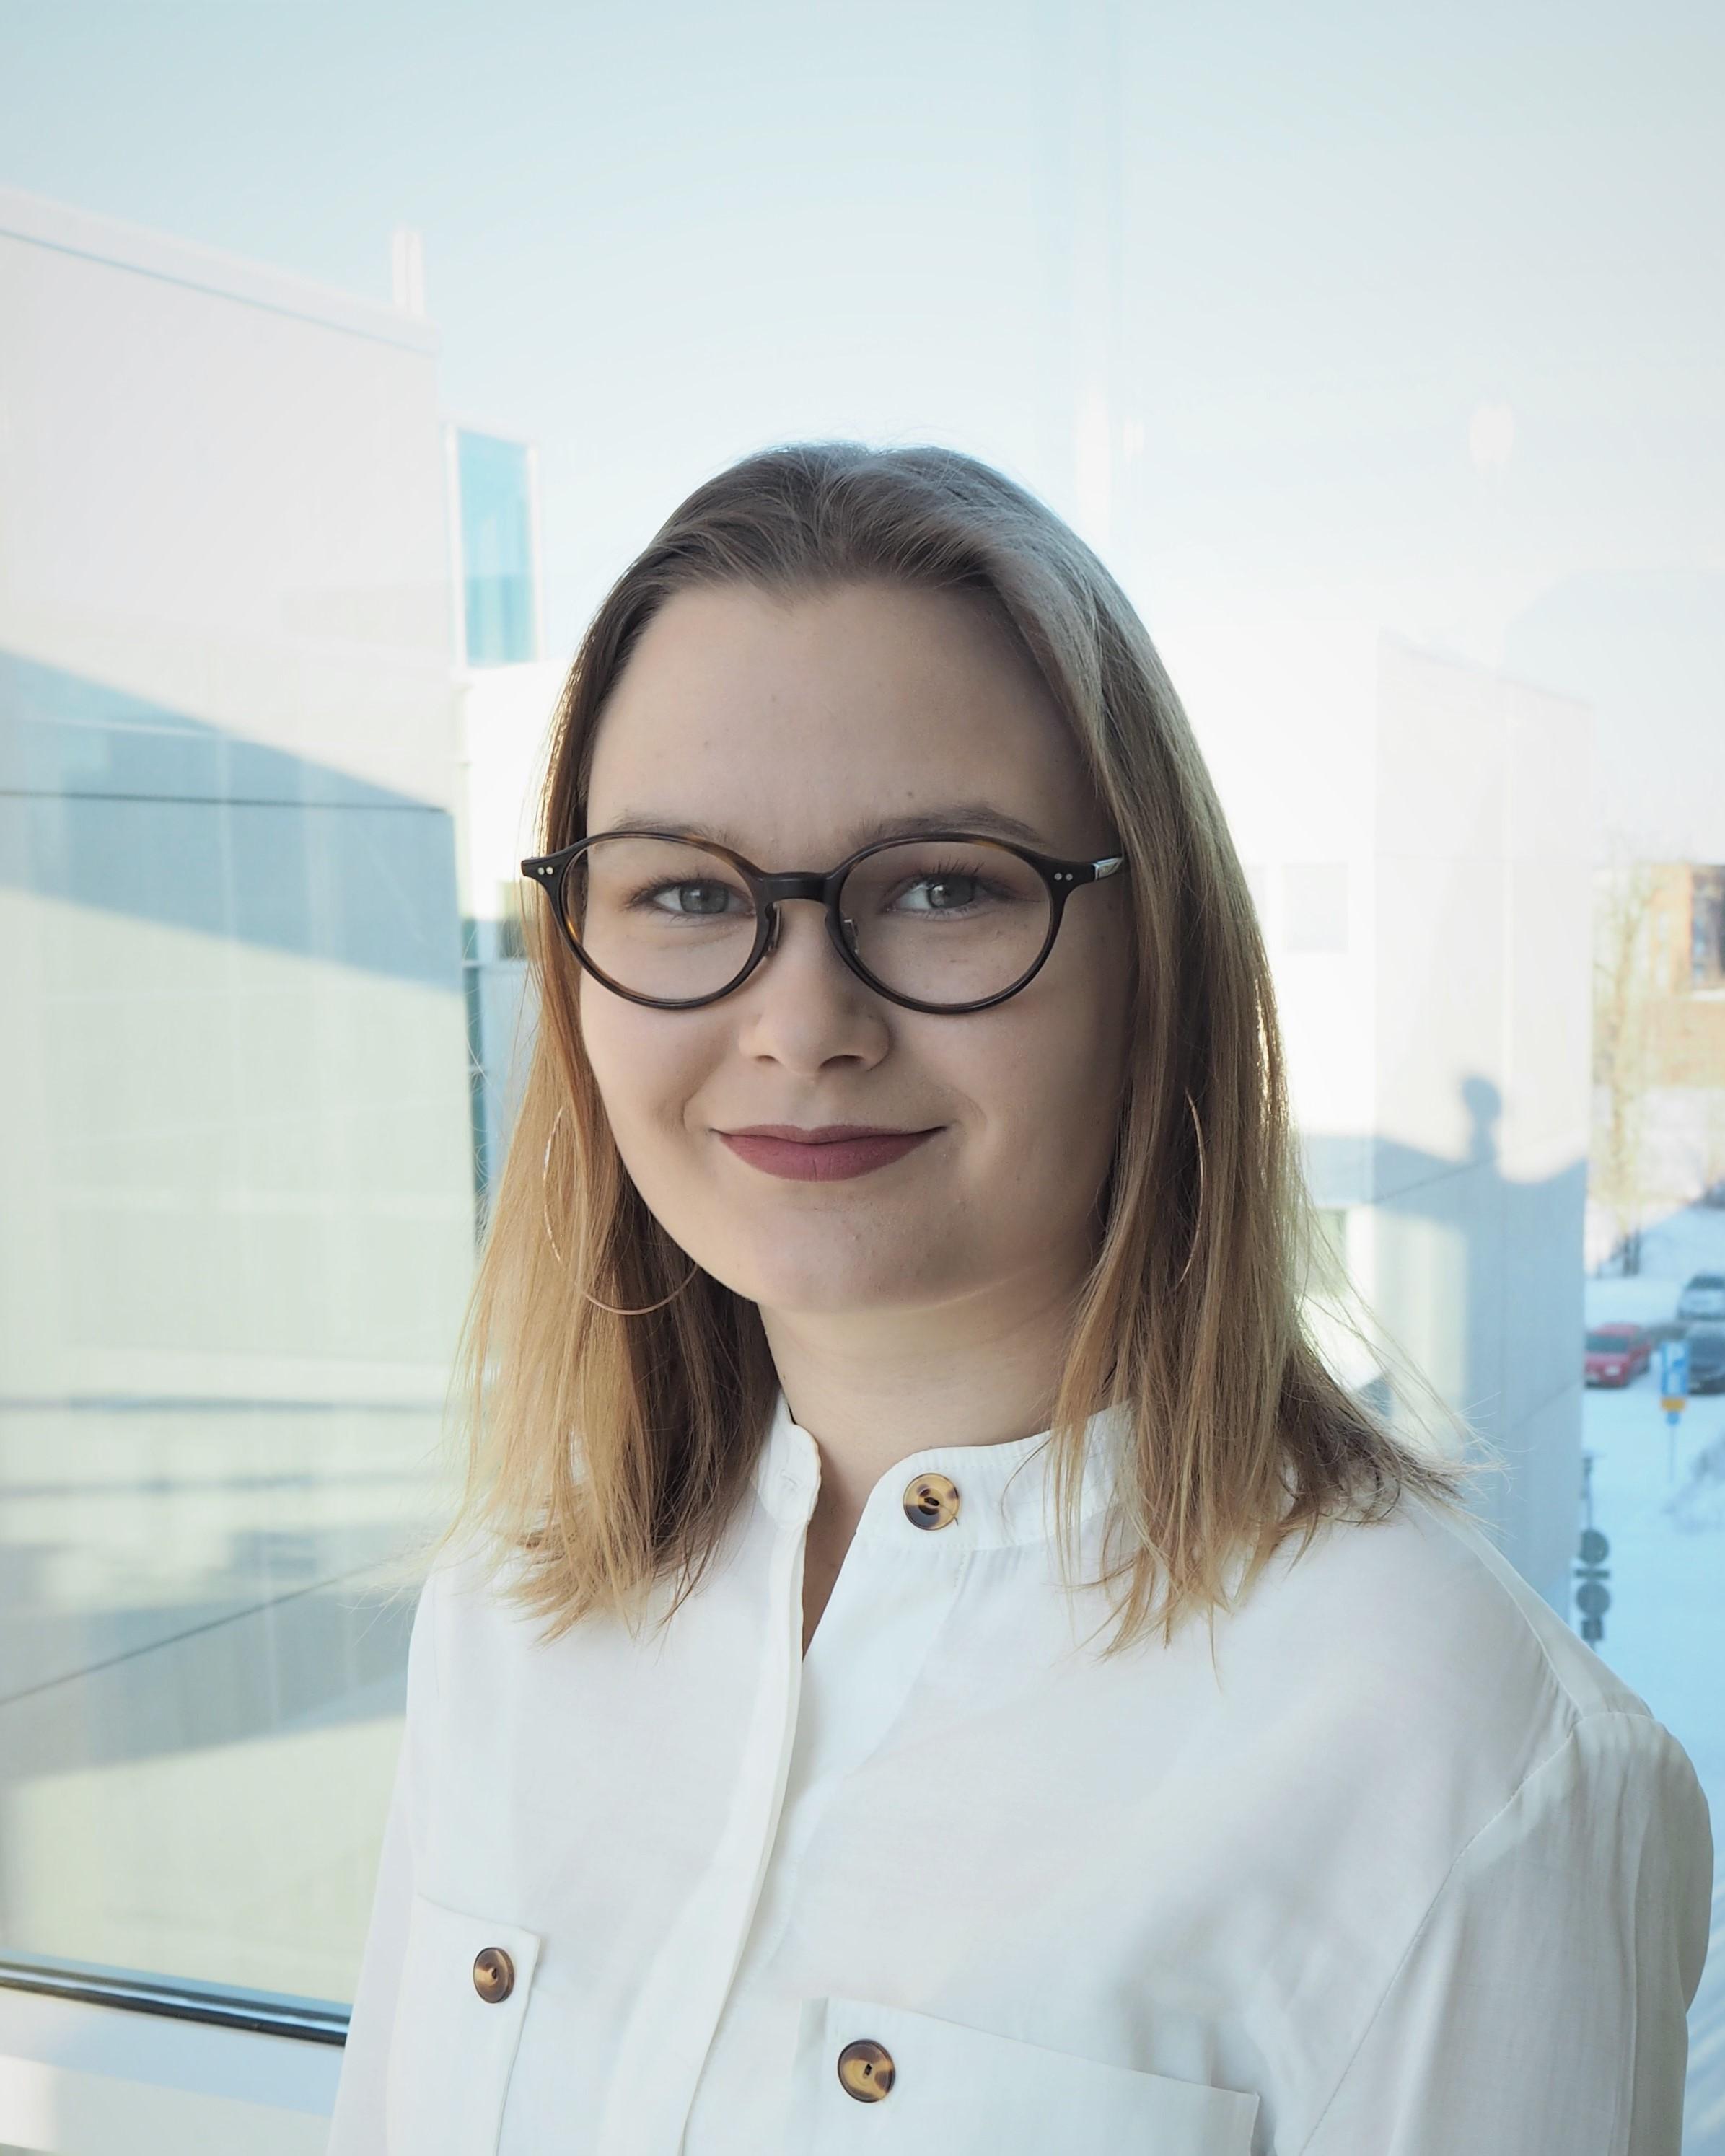 Elina Jääskeläinen (P-klubi)